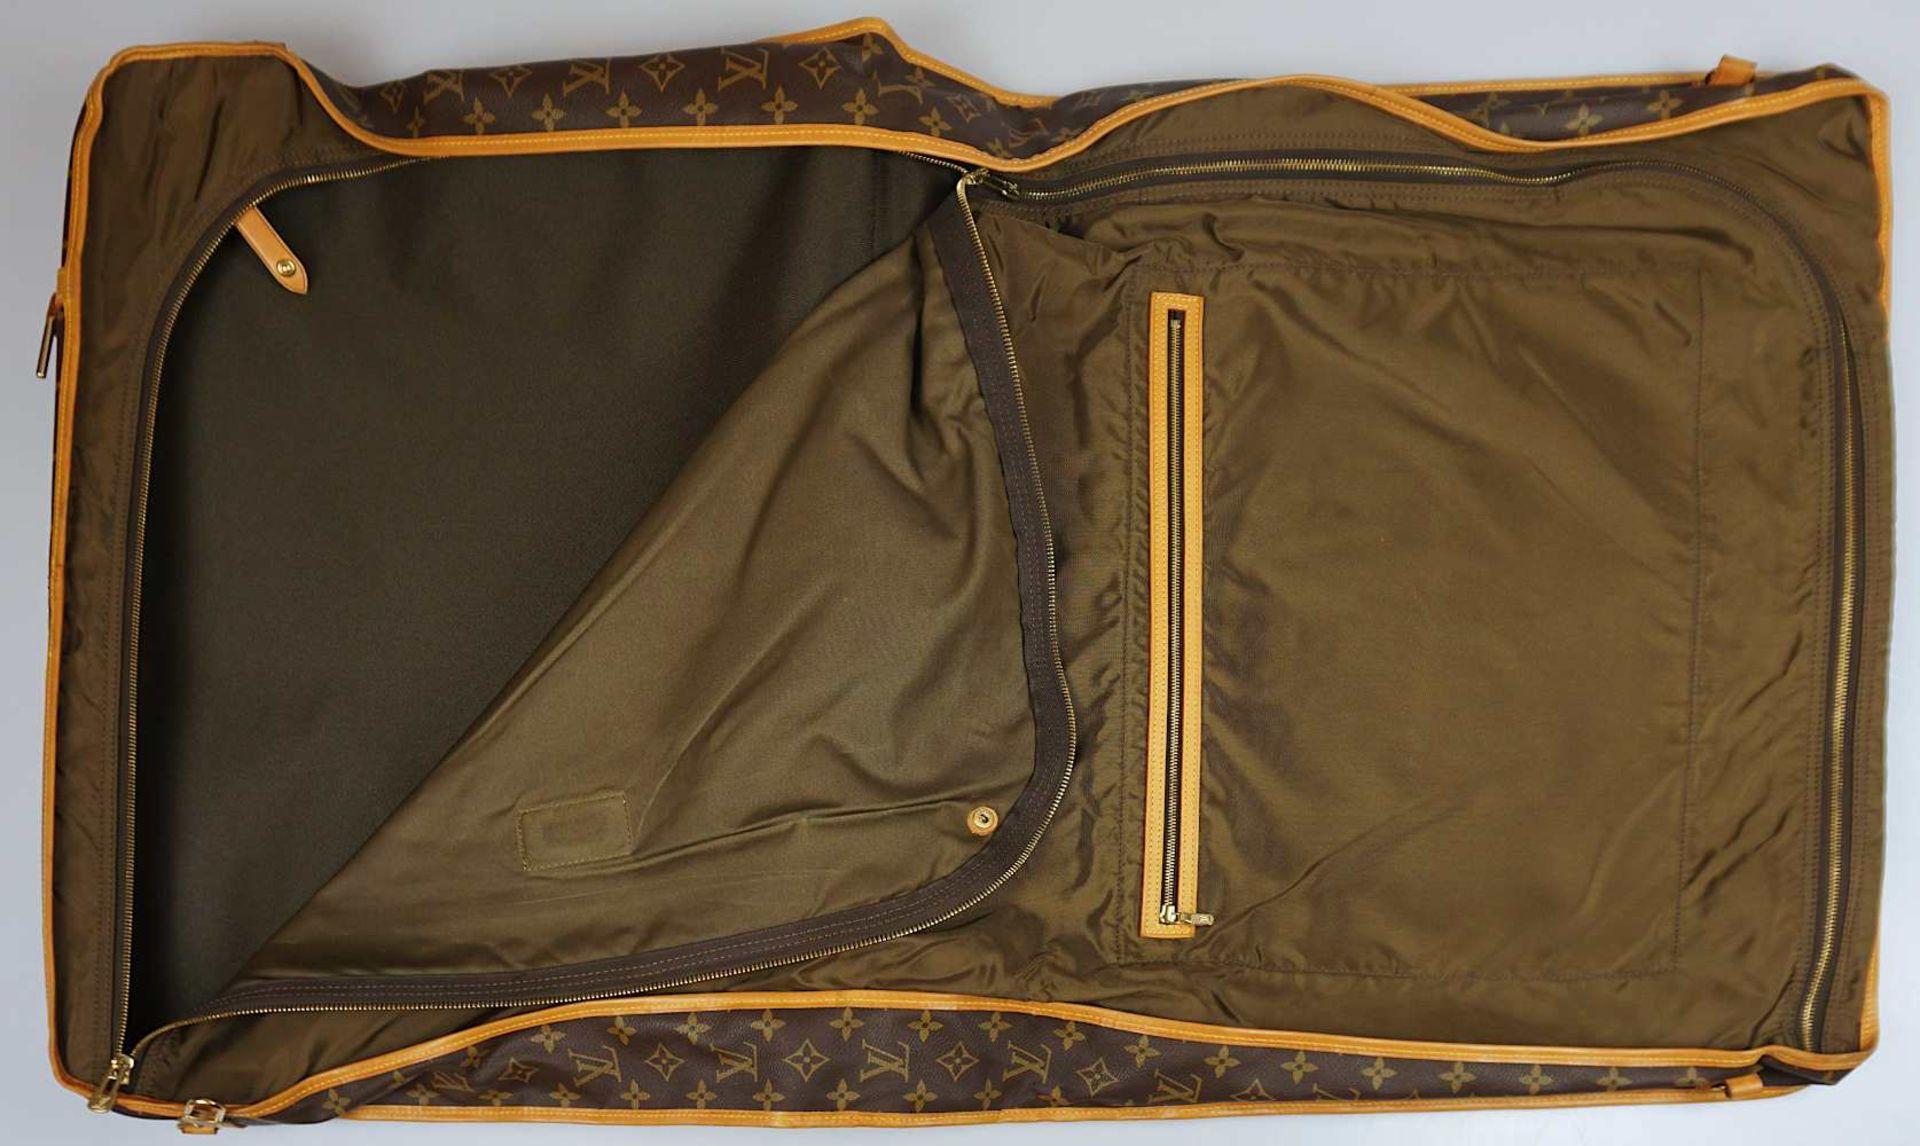 1 Kleidersack LOUIS VUITTON u.a. sichtbare Gsp. - Bild 5 aus 5